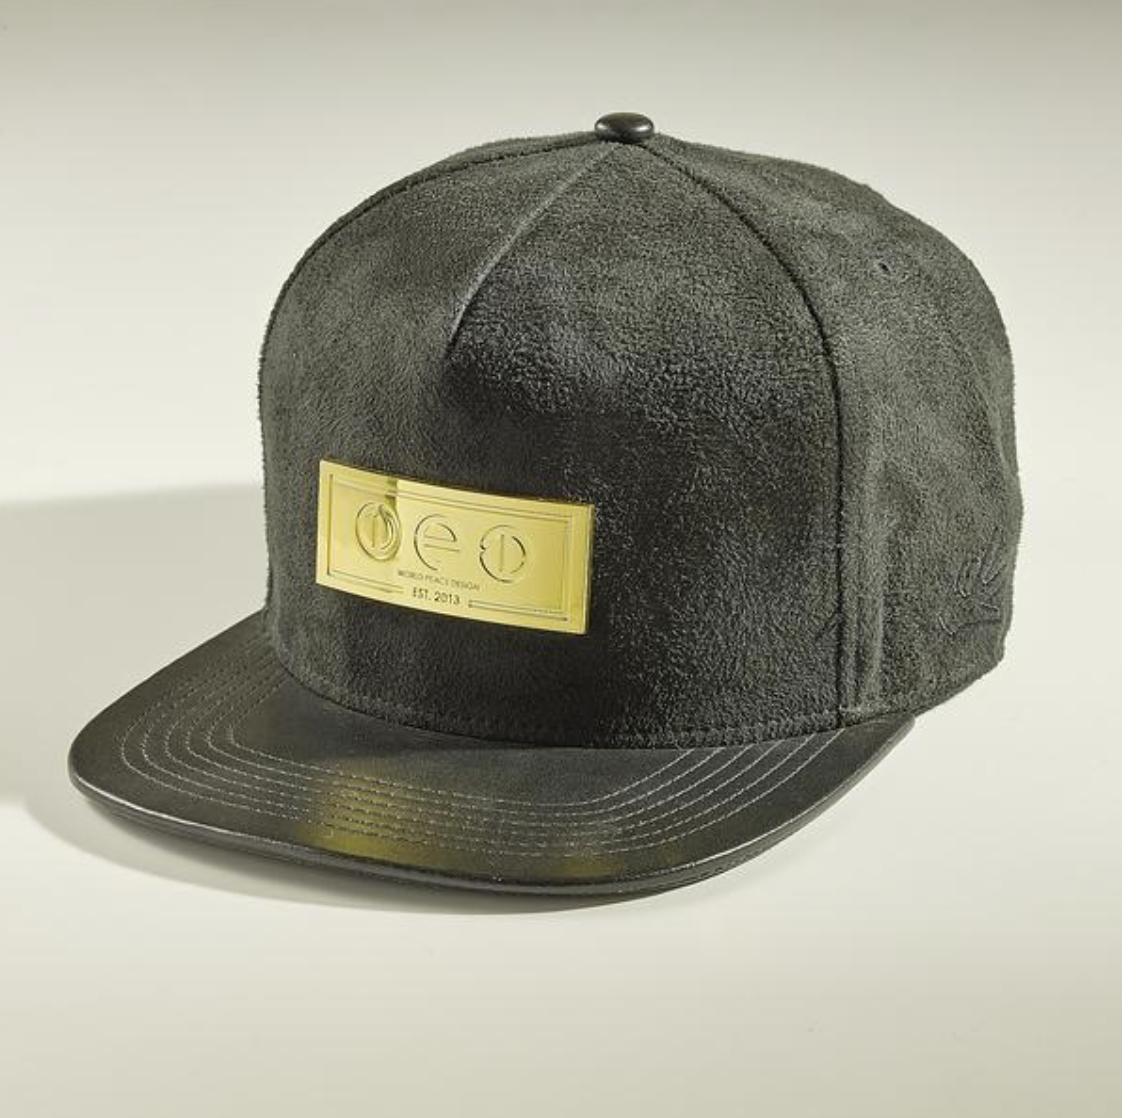 SnapCity - Dubai Headwear